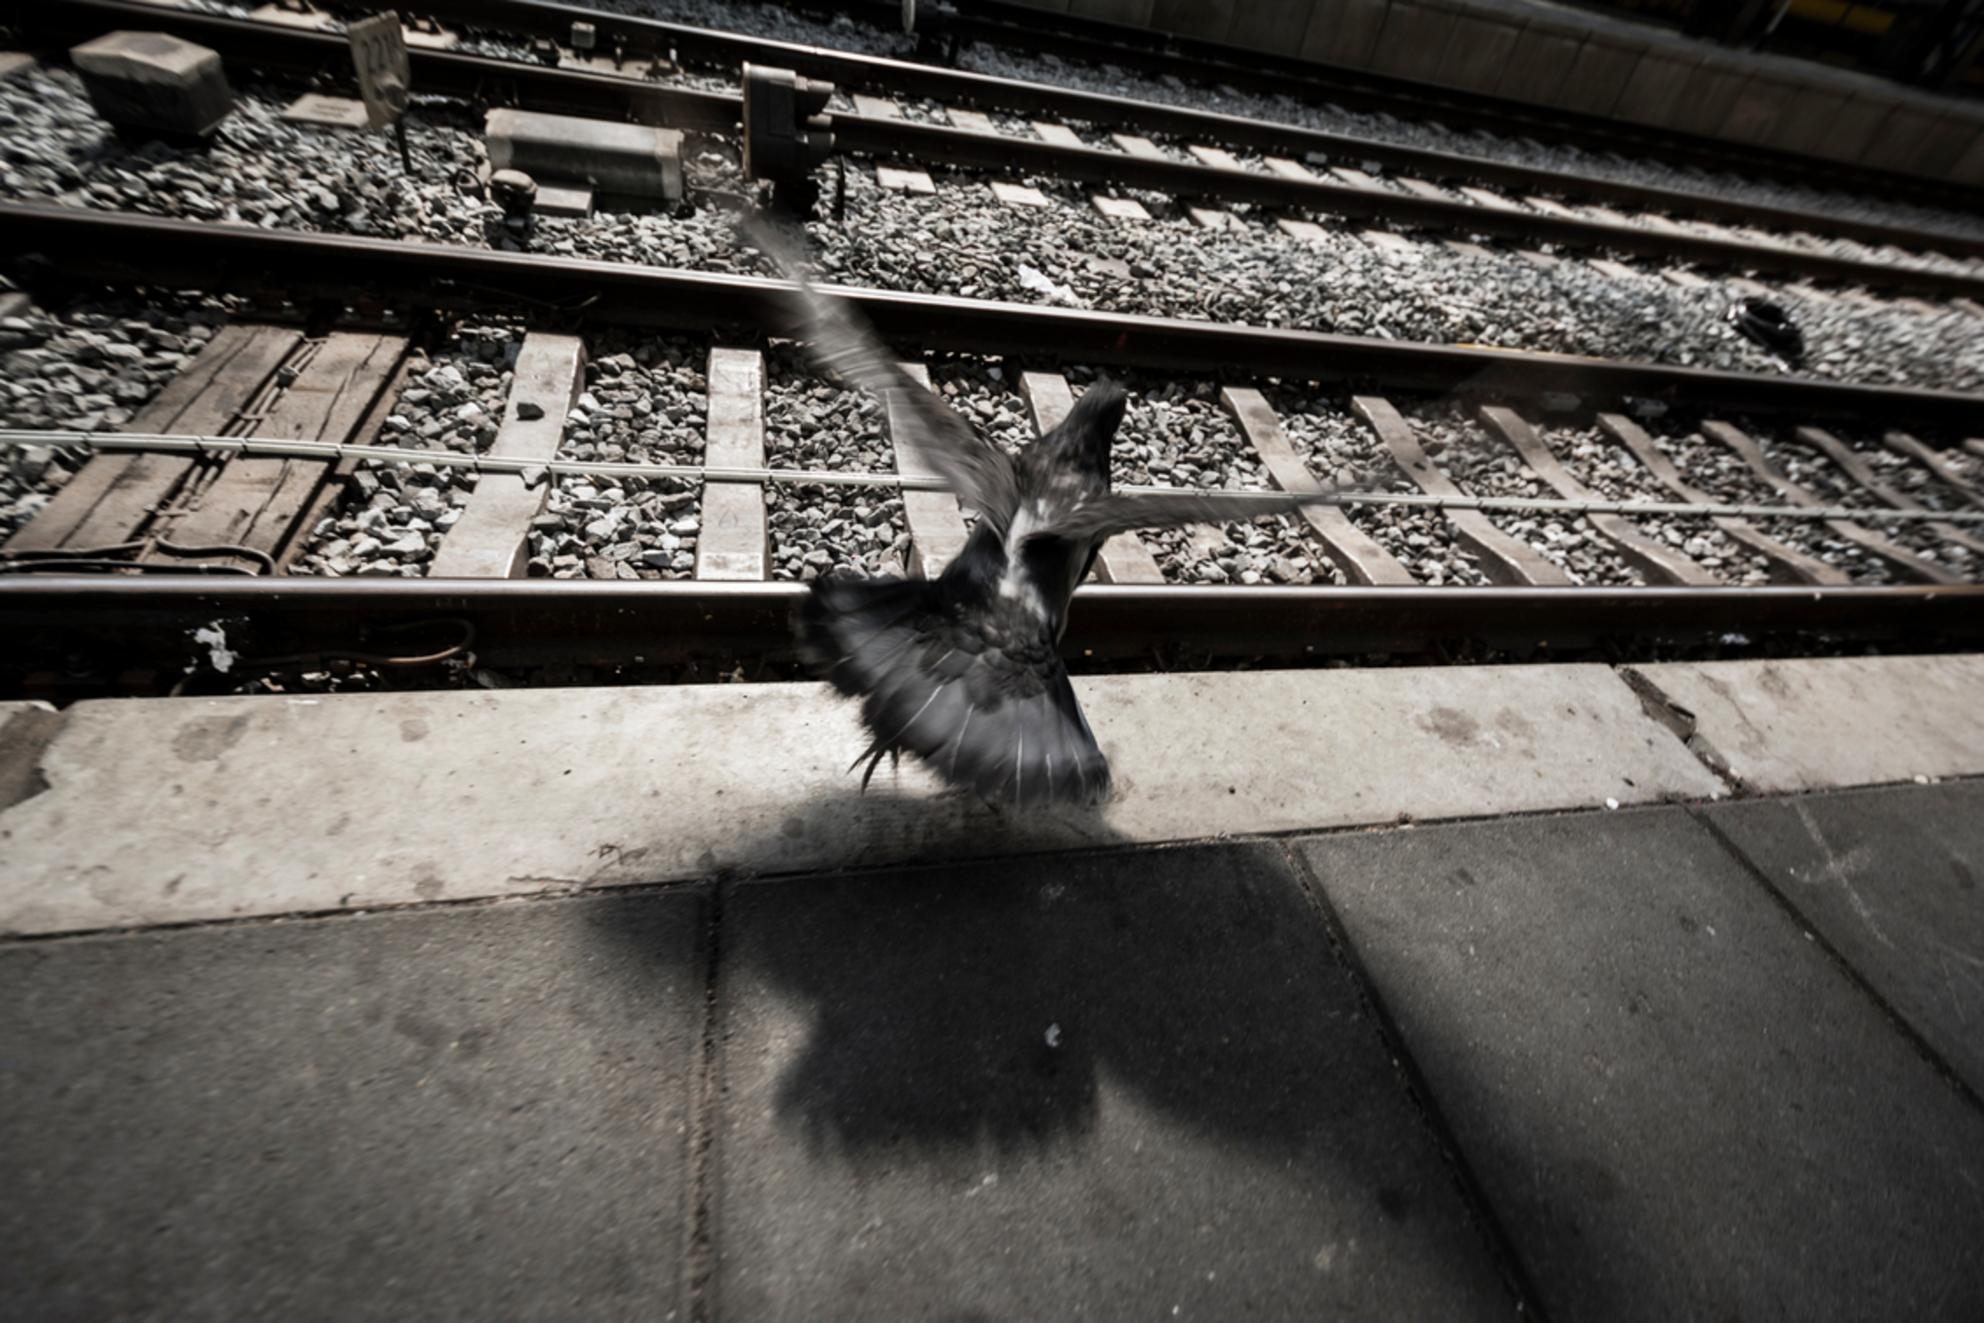 Vlieg je mee of blijf je wachten? - Kijk ook eens op www.luvo-photography.com!  Ik zat te wachten op de trein en de duiven bleven komen en gaan.. Ik vlieg graag mee dacht ik nog, maar - foto door tieme.jr op 01-05-2014 - deze foto bevat: amsterdam, donker, kleur, vlieg, licht, trein, beeld, duif, vliegen, reizen, schaduw, nikon, nederland, beweging, straatfotografie, vlucht, details, vluchten, D7100